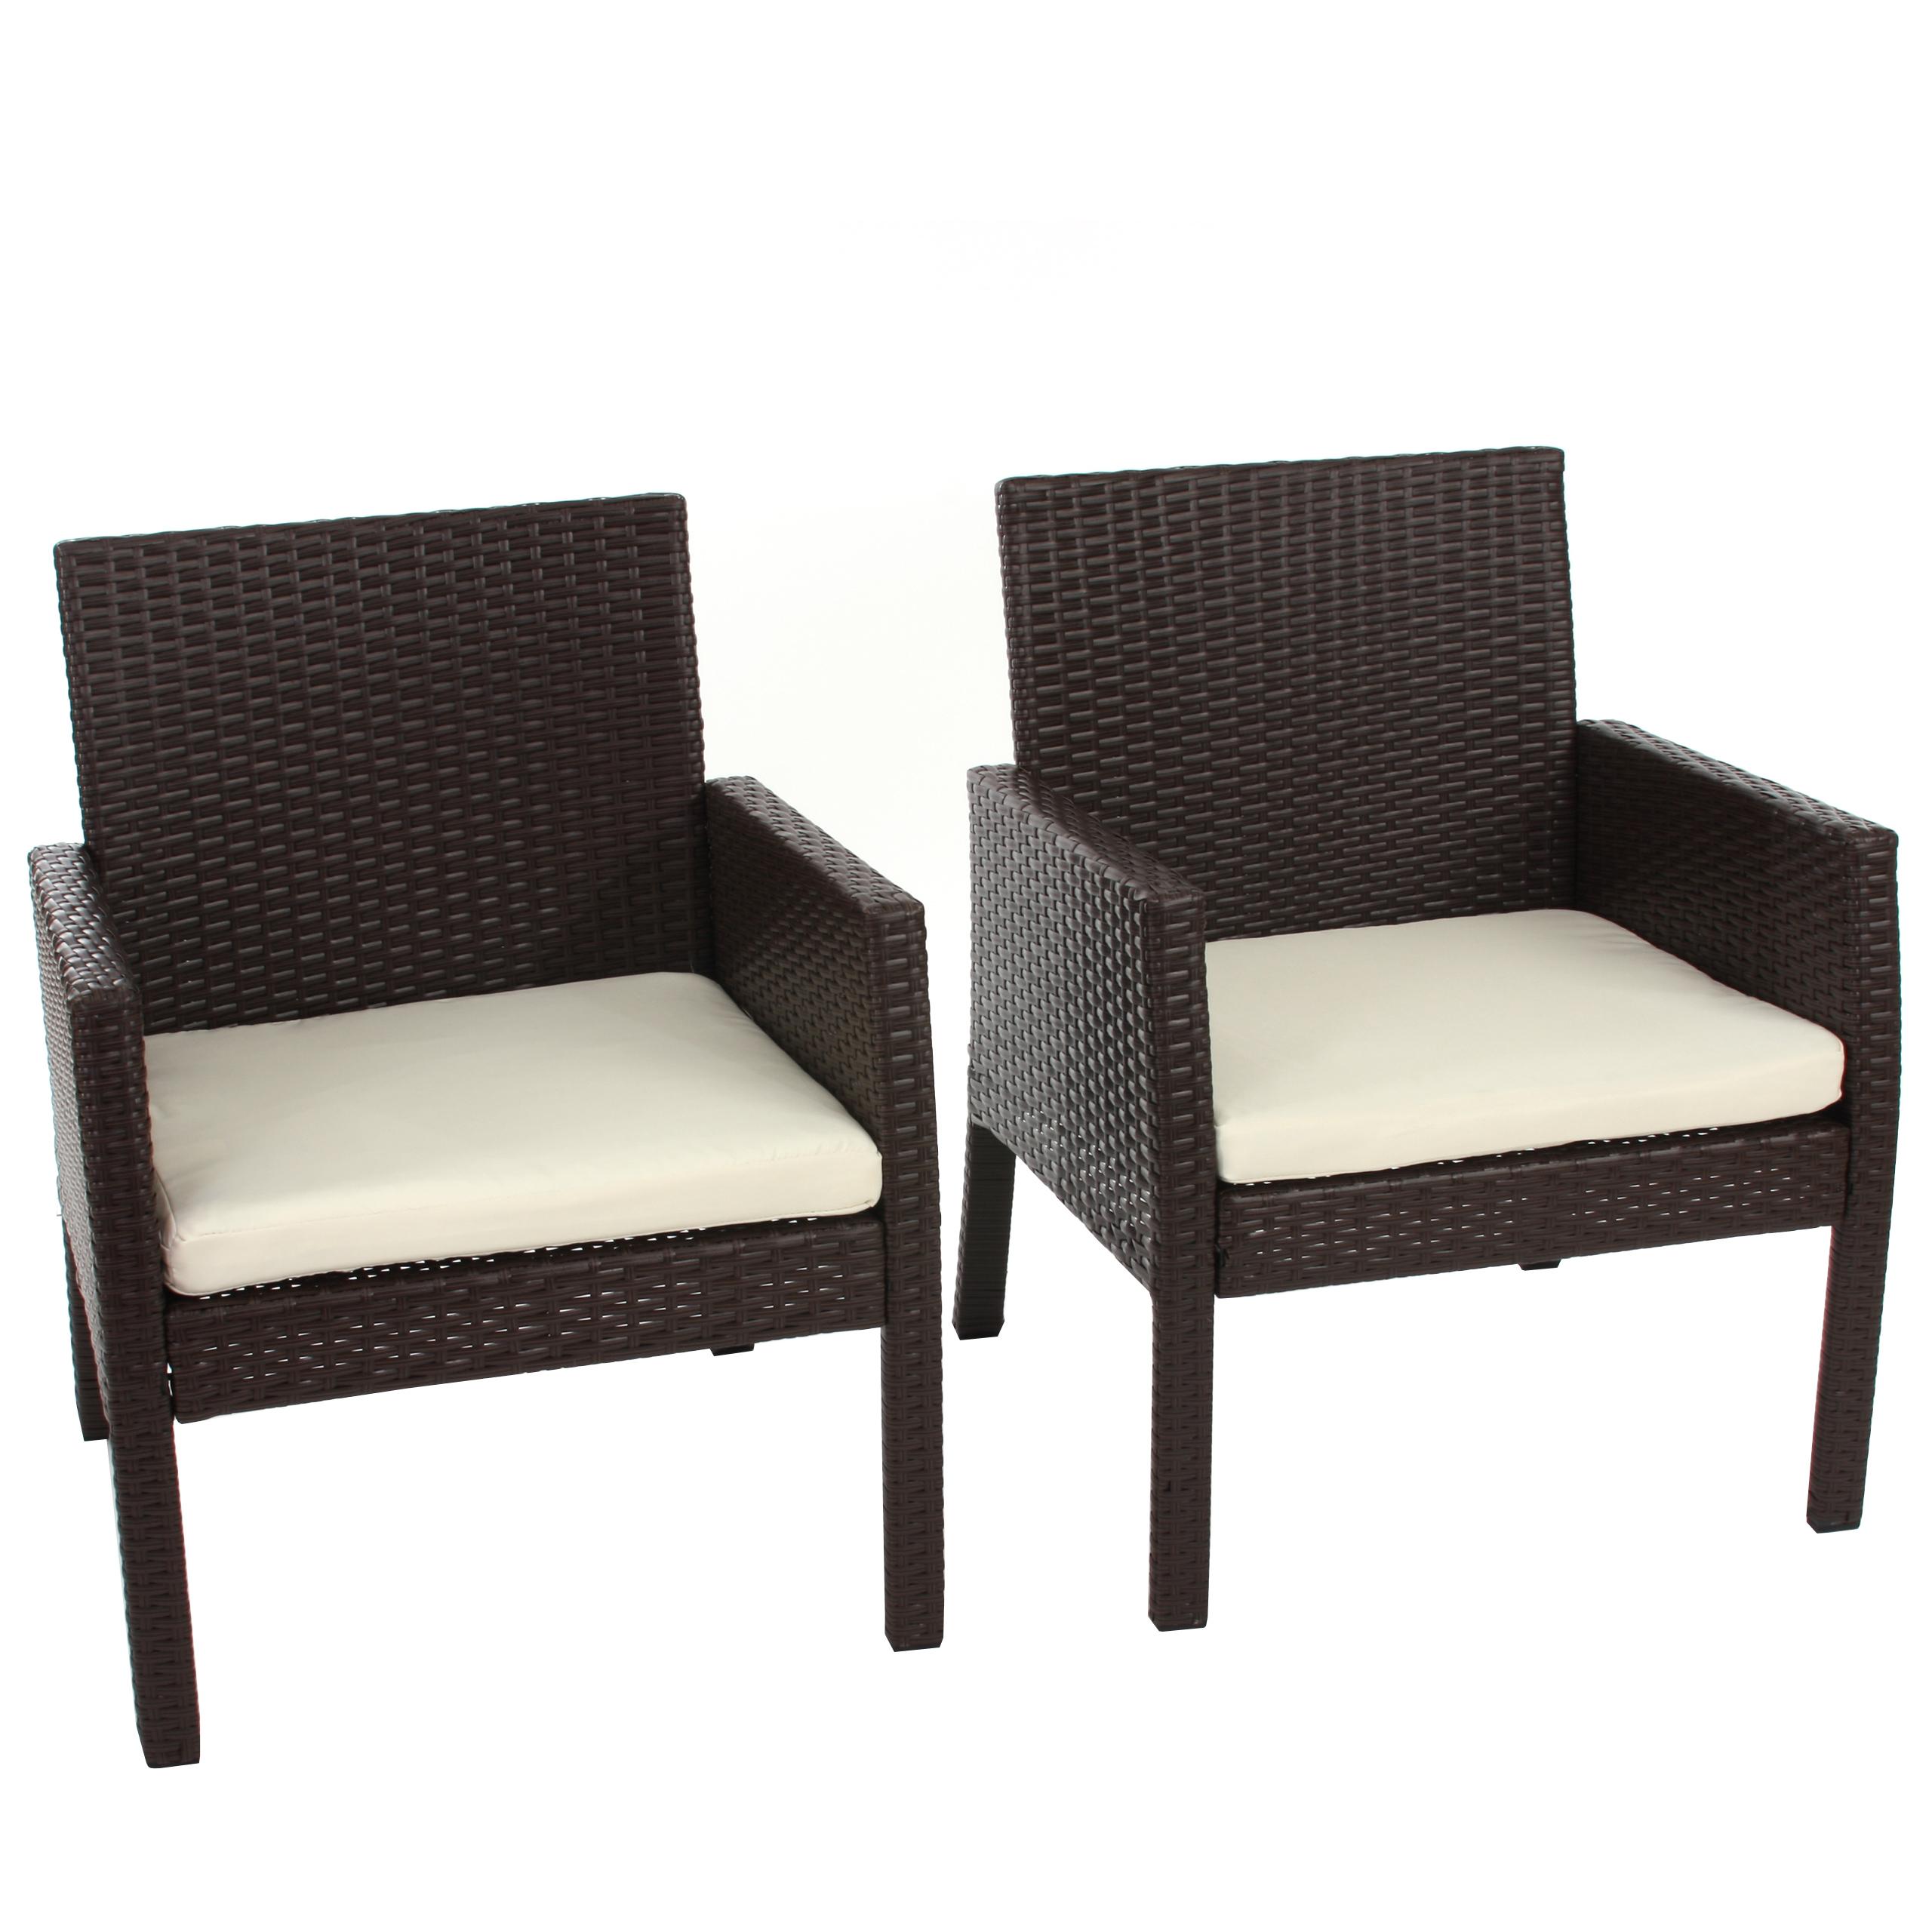 2x poly rattan sessel gartensessel sanremo inkl. Black Bedroom Furniture Sets. Home Design Ideas